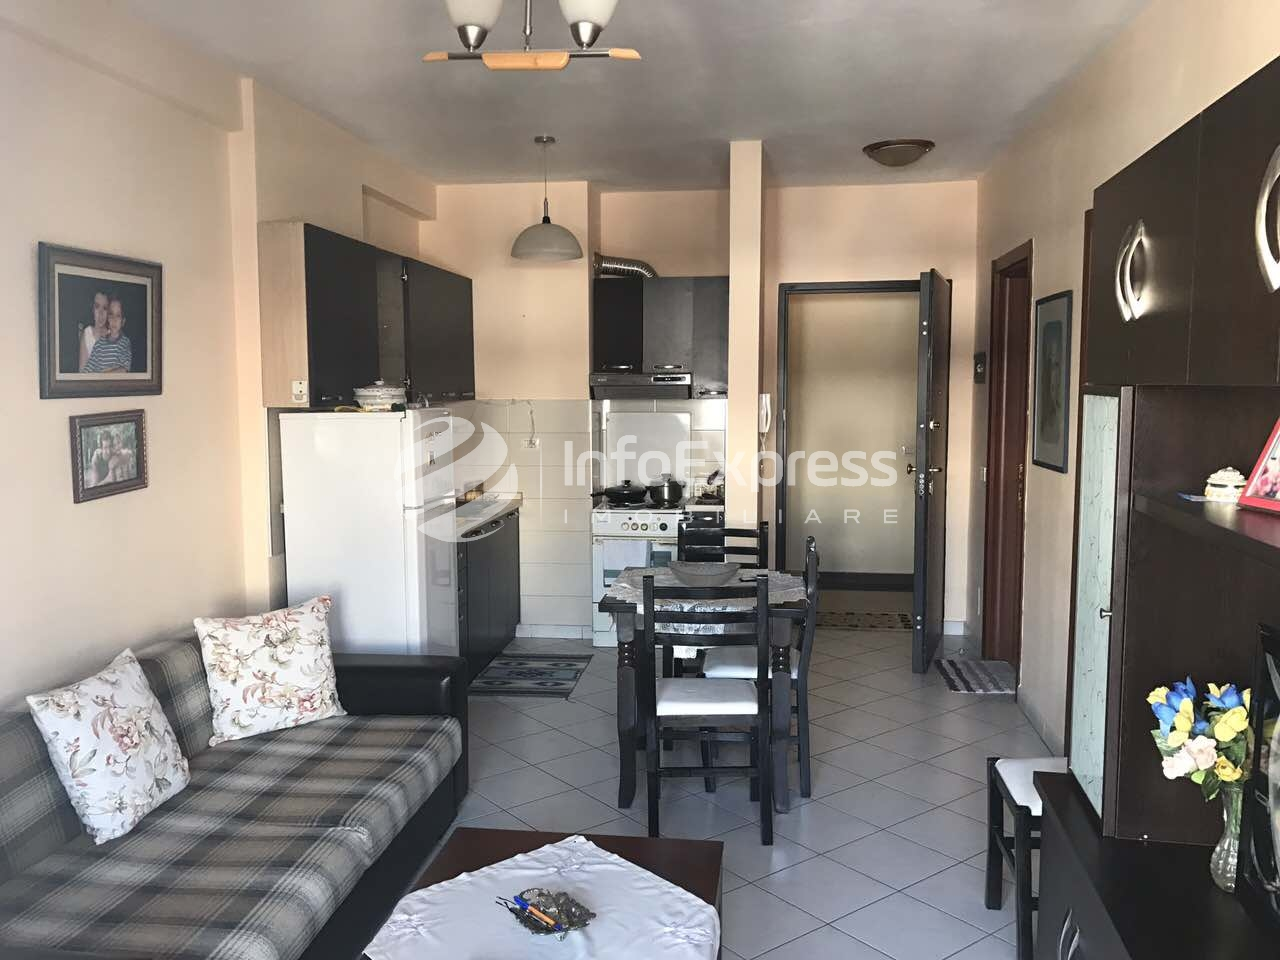 TRR-0118-792 Jepet me qera apartament 1+1 prane Kompleksi Cabej